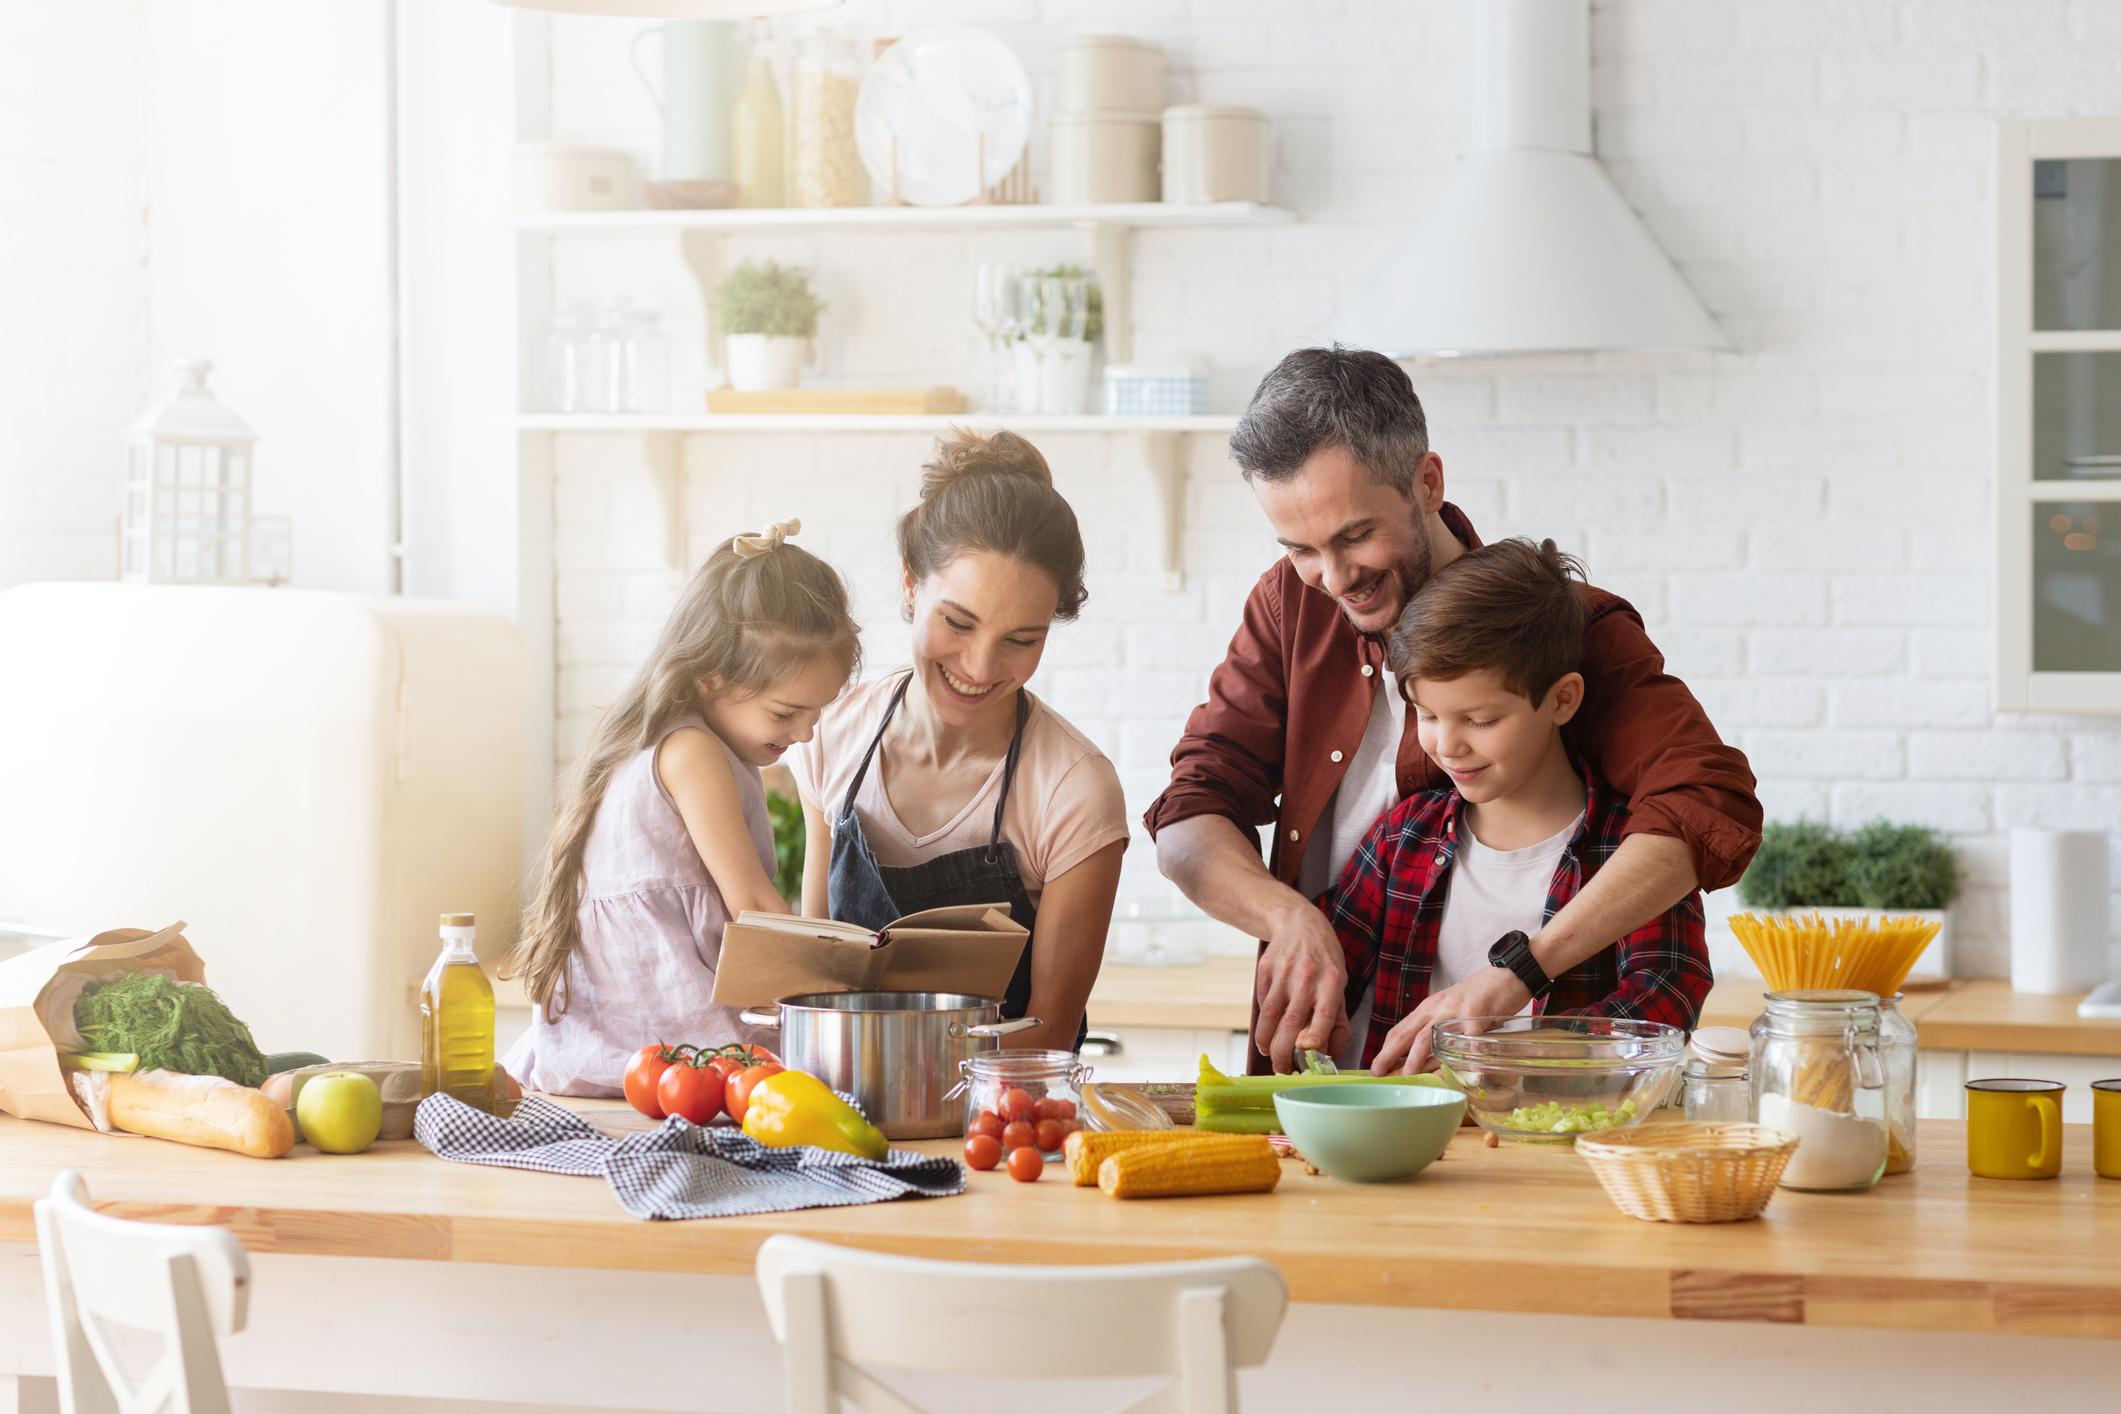 Uzmanlar uyardı: Ev yemekleri tüketin